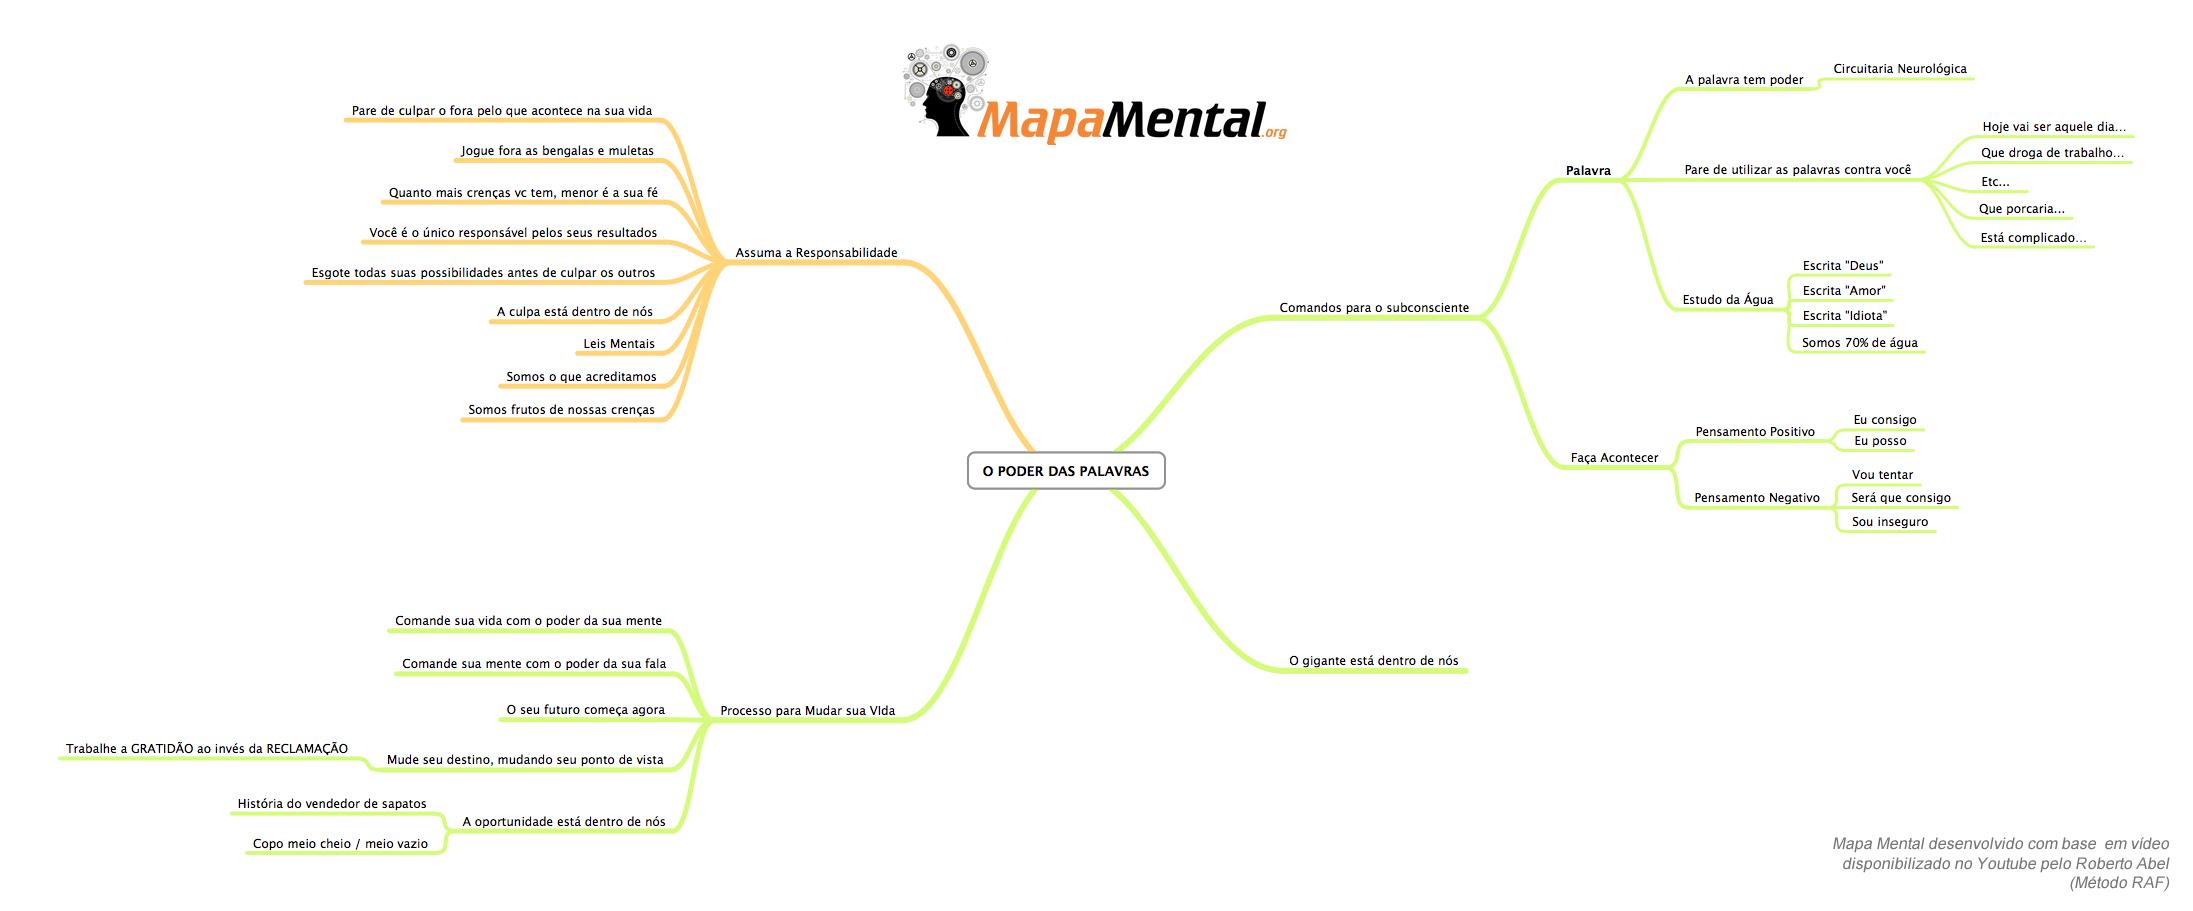 O Poder das Palavras (mapa mental)